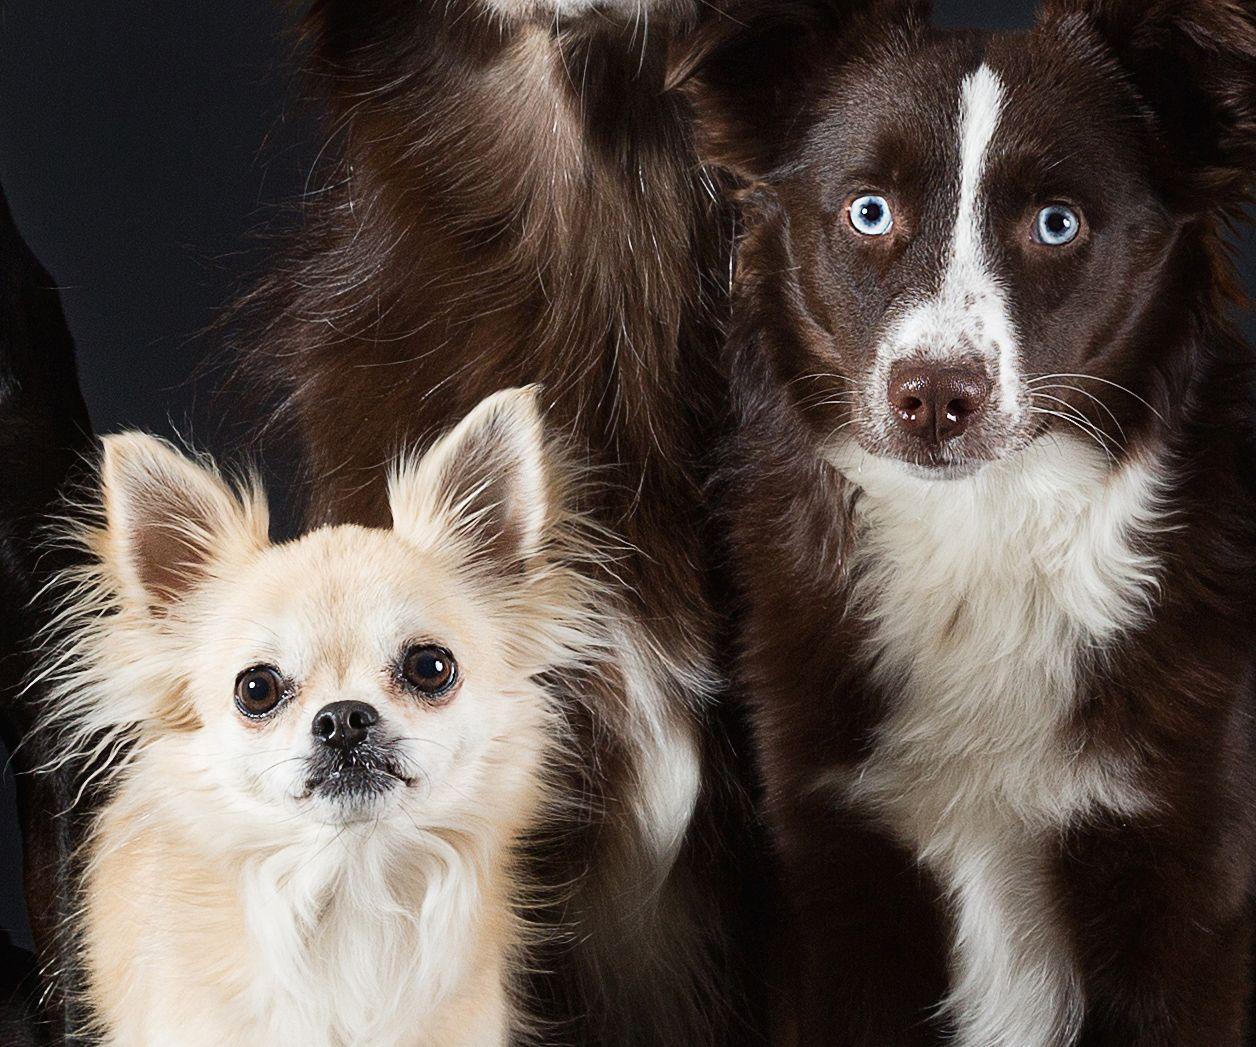 EINMALIGE VERWENDUNG Fokussiert/ Tierfotografie/ Alle mal herschauen